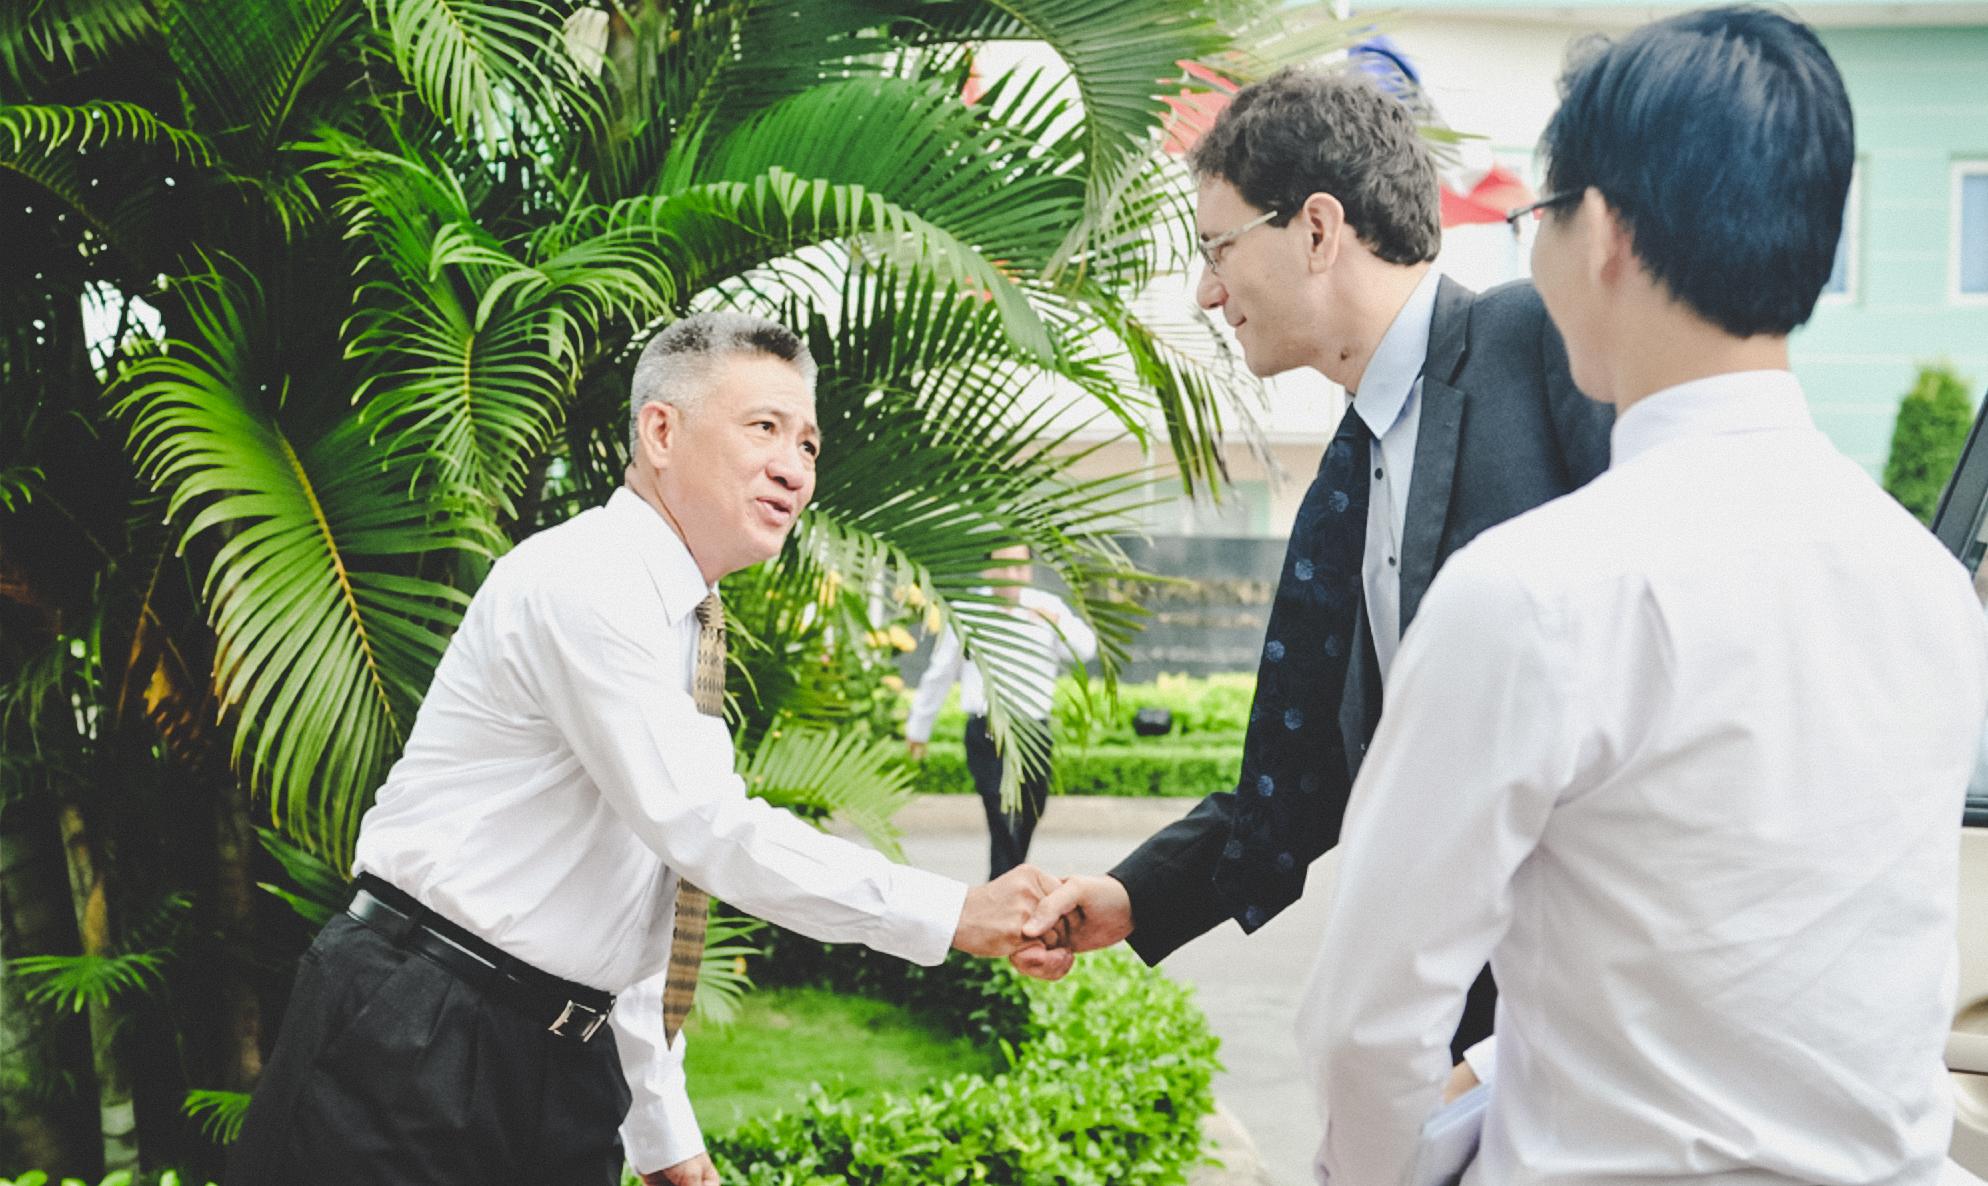 Chuyện ông tiến sĩ Việt kiều sở hữu 200 bằng sáng chế về nước và kế hoạch khởi nghiệp tuổi 60: - Ảnh 13.